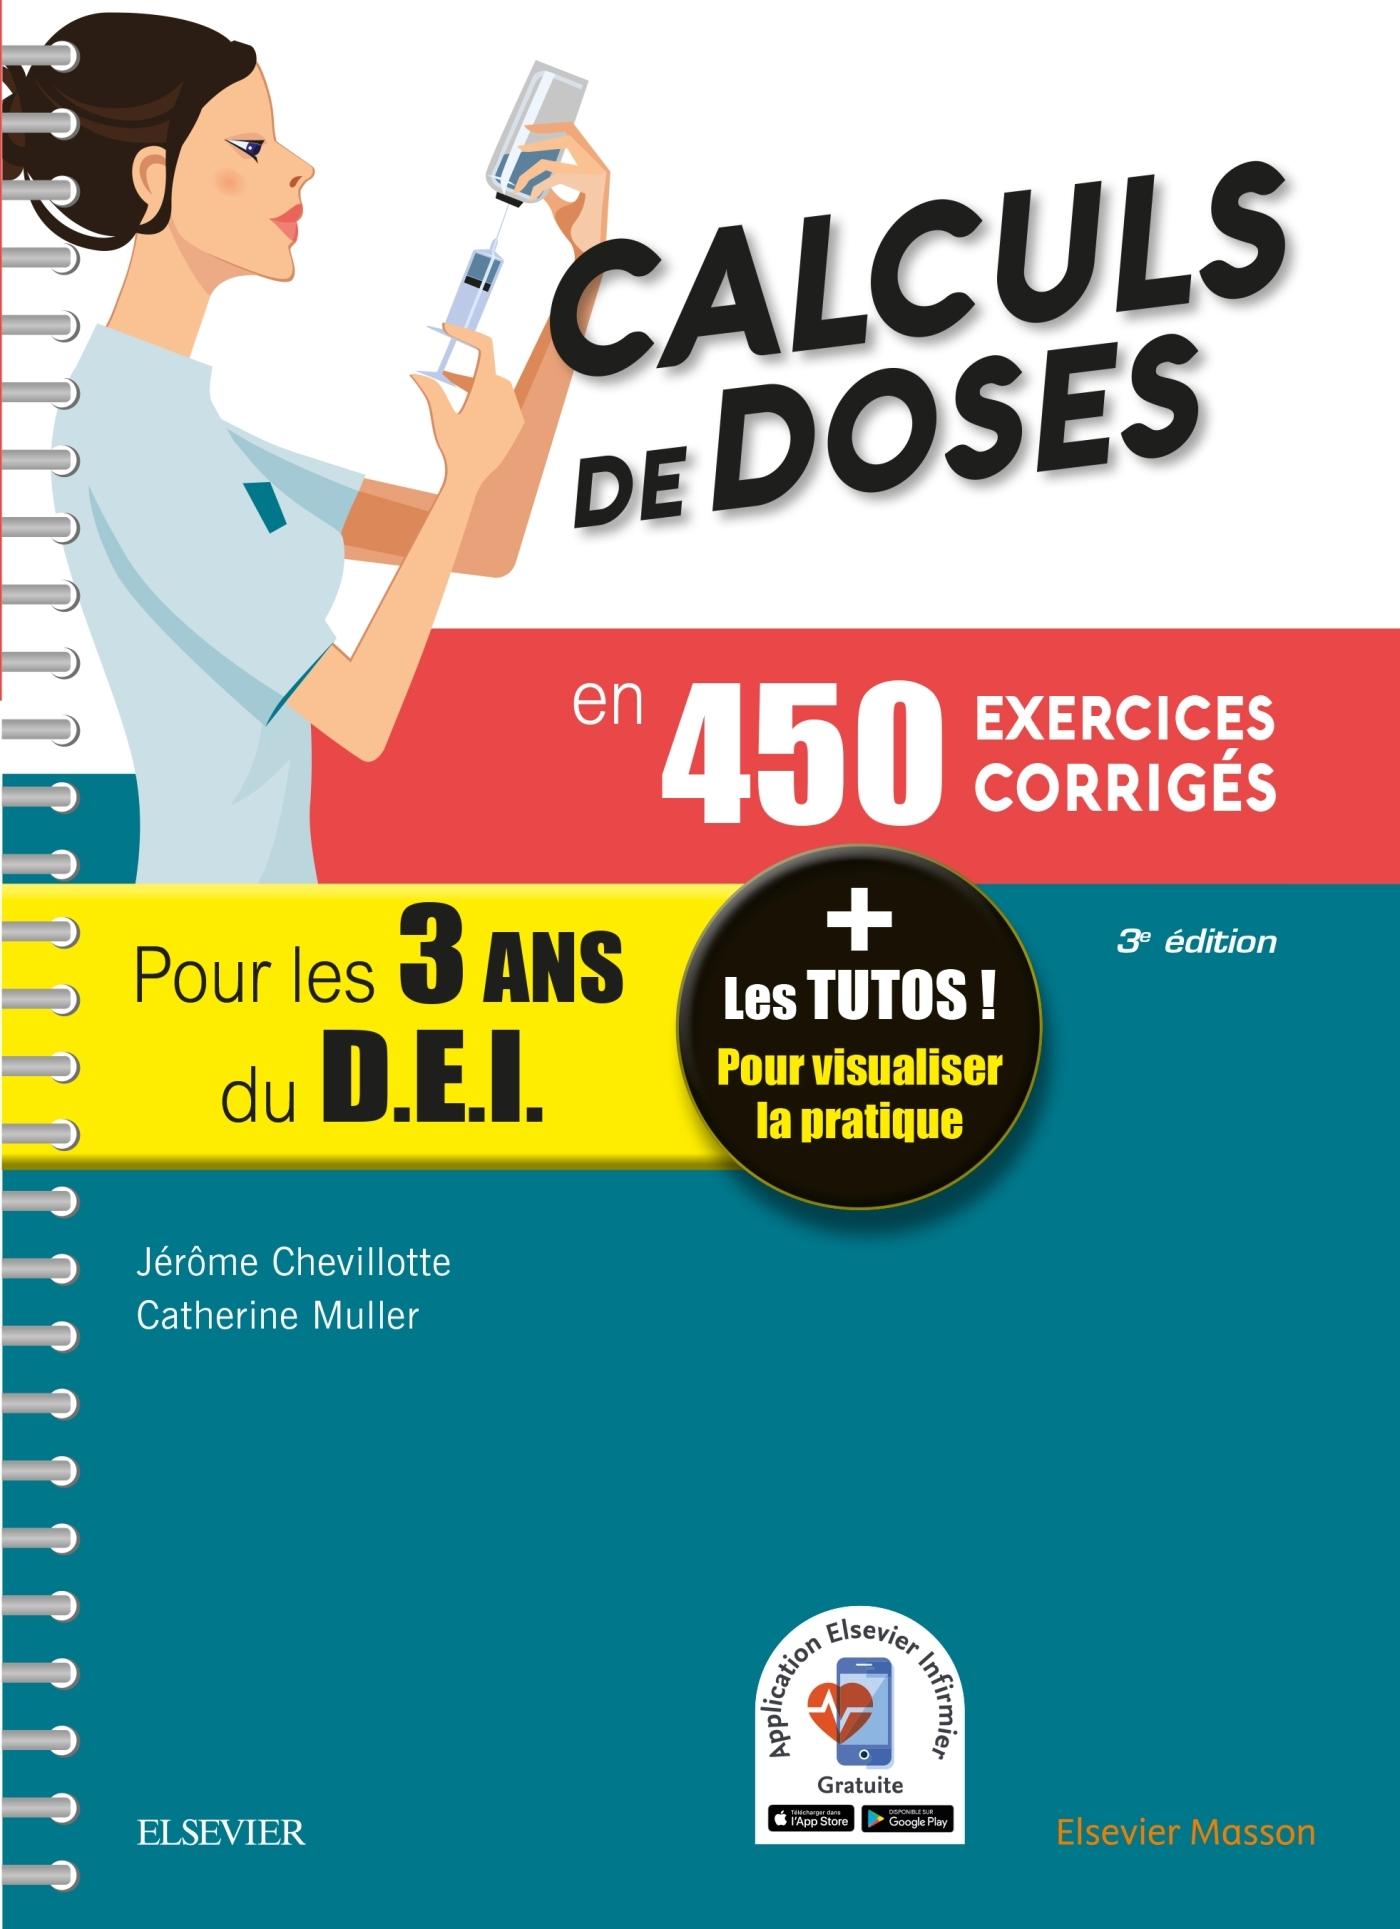 CALCULS DE DOSES EN 450 EXERCICES CORRIGES - POUR LES 3 ANNEES DU DIPLOME D'ETAT INFIRMIER. - + LES